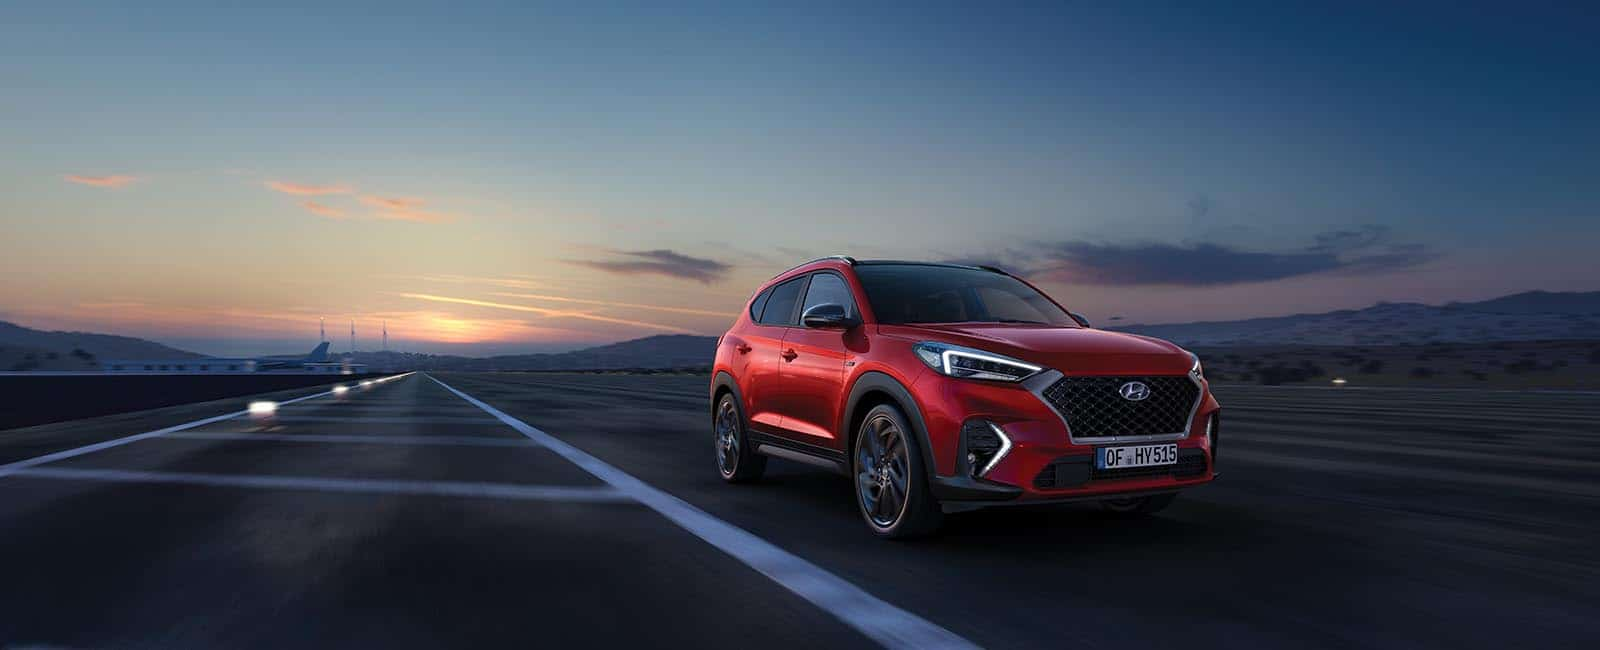 Hyundai Tucson Hybrid kveld